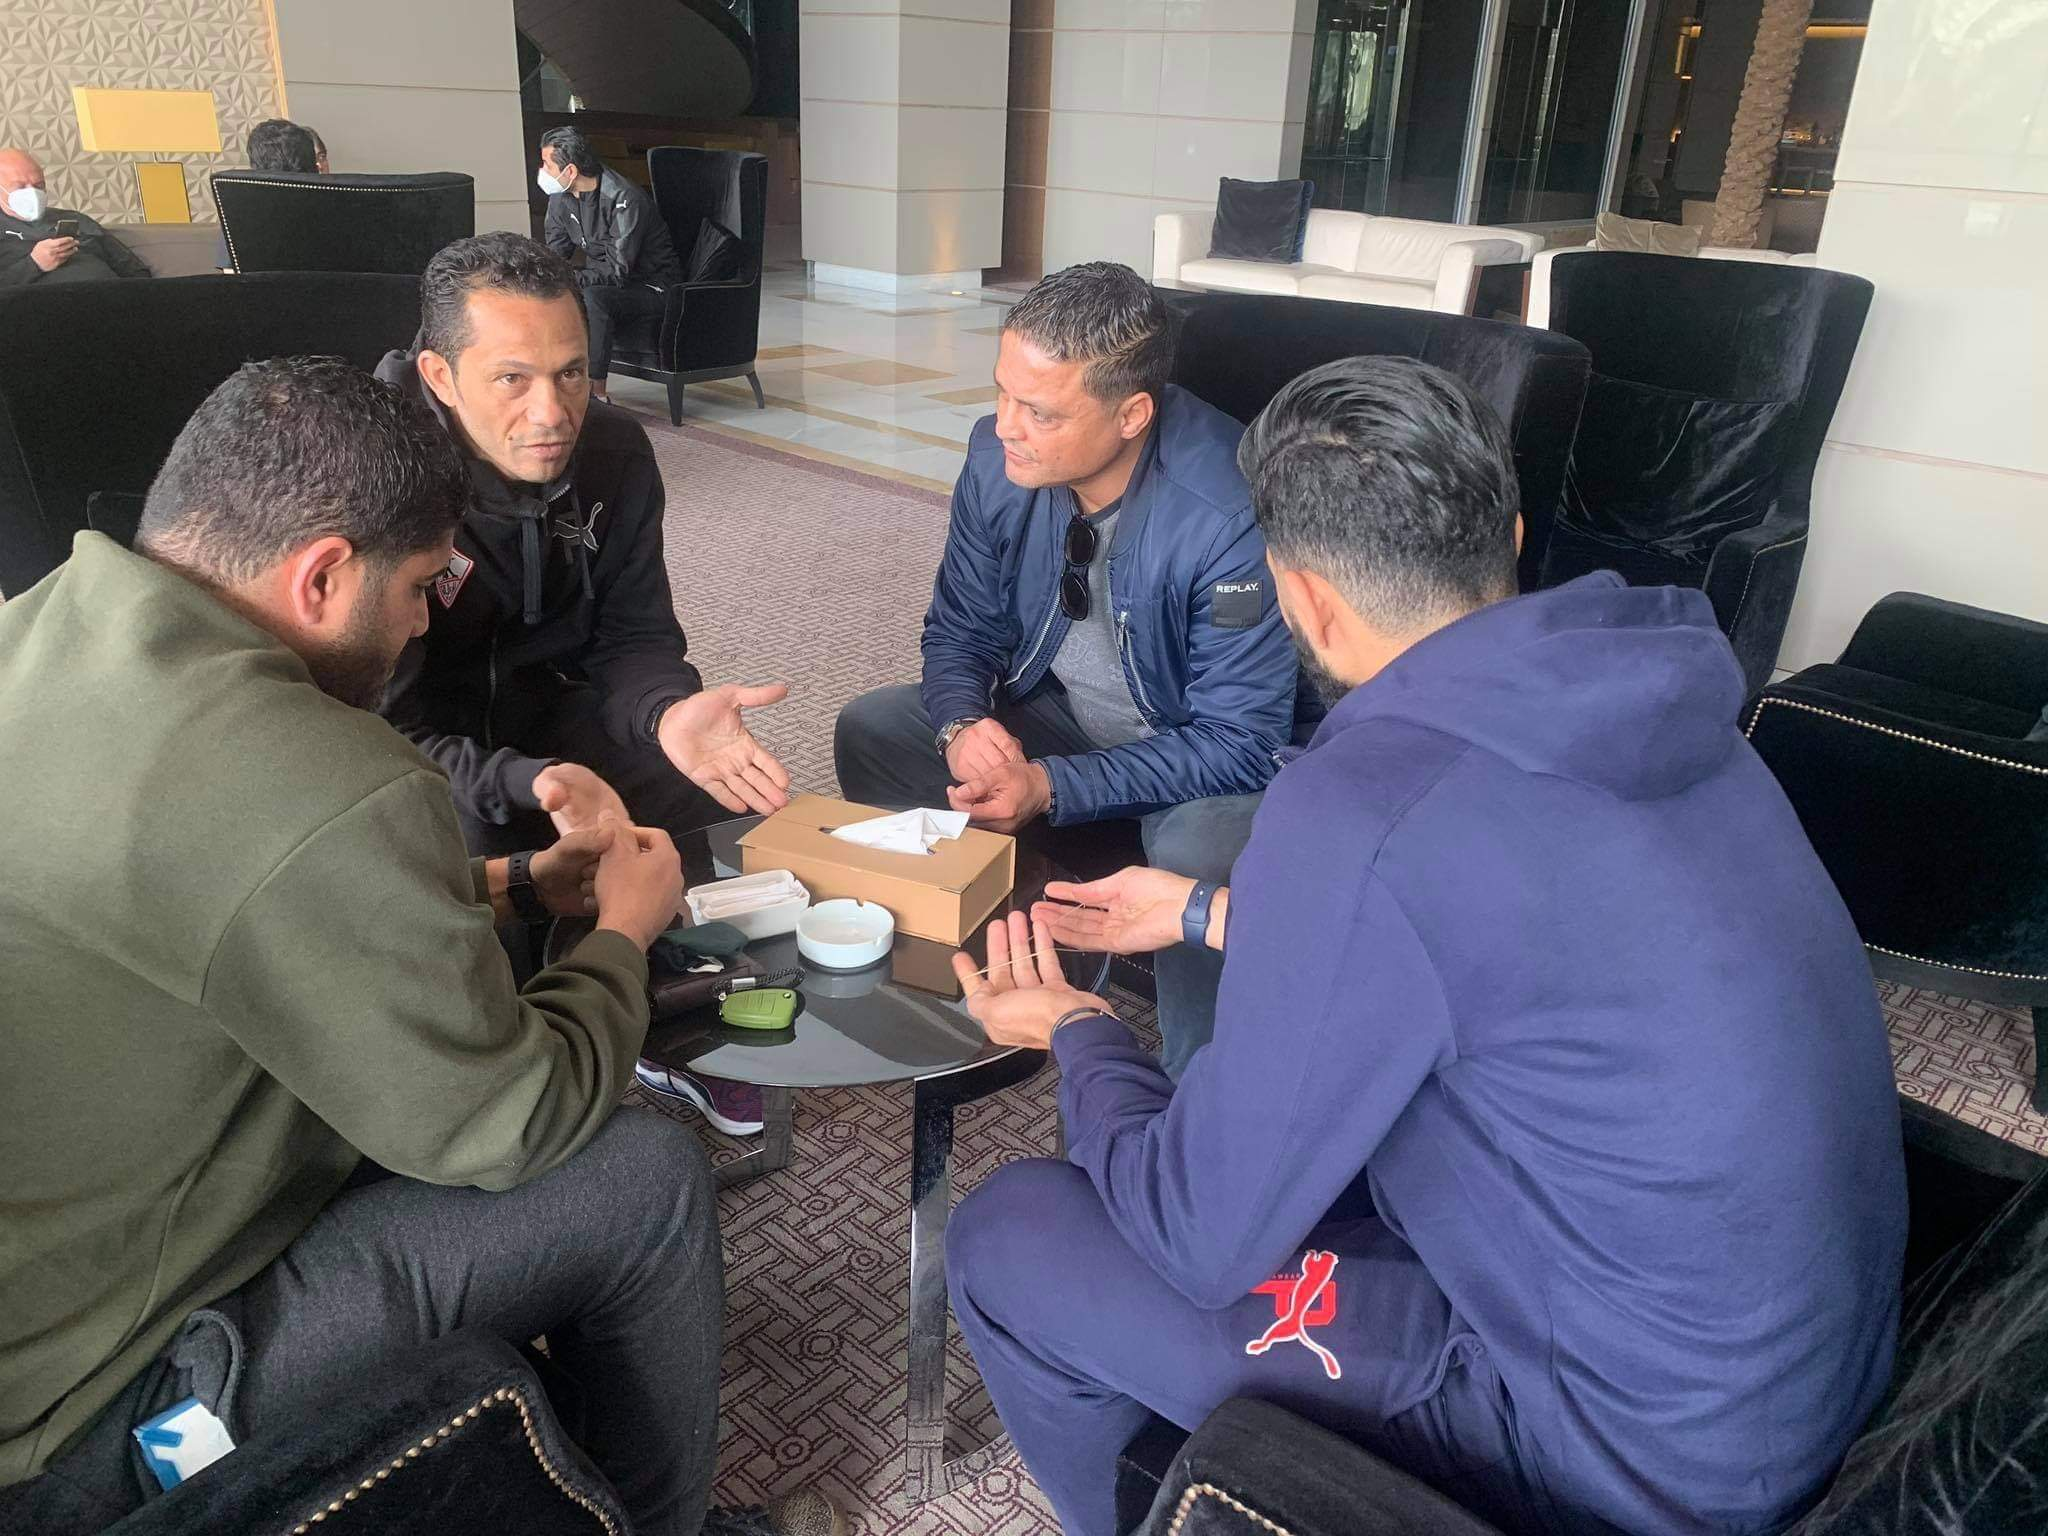 يامن بن ذكري ووسام العابدي يزوران بعثة الزمالك في تونس